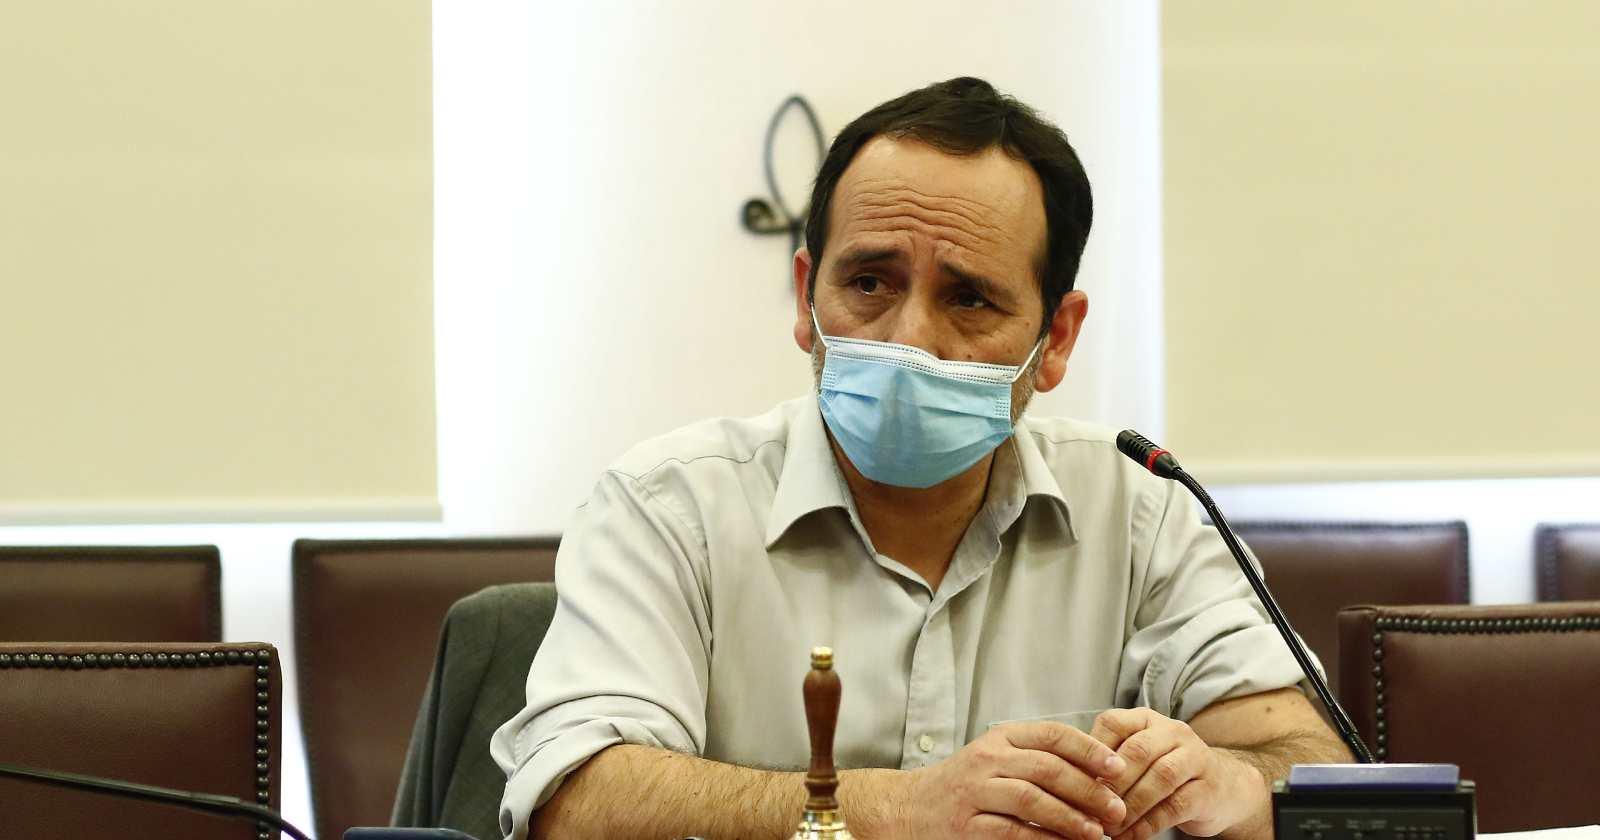 Diputado Núñez es retenido por una hora en control sanitario: Cámara pide explicaciones al Gobierno